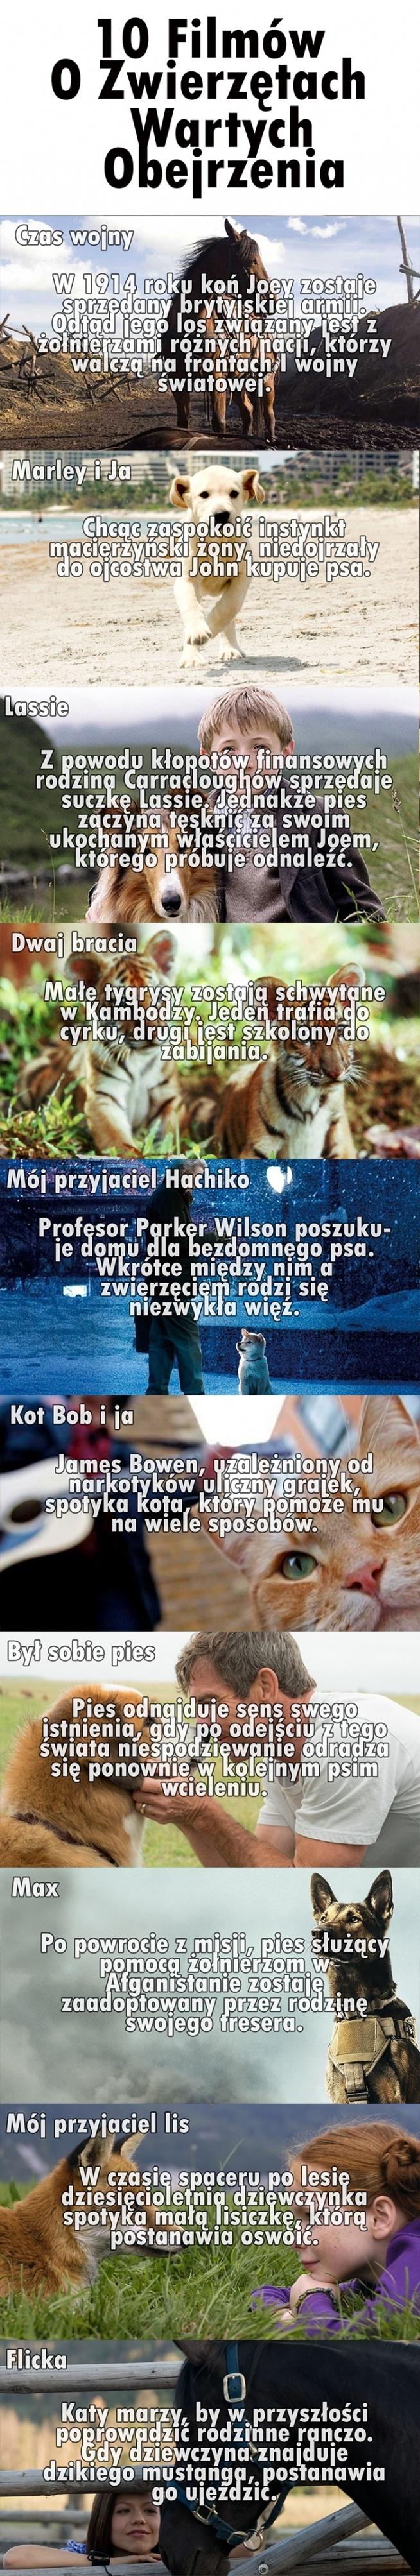 10 filmów ze zwierzętami wartych obejrzenia.